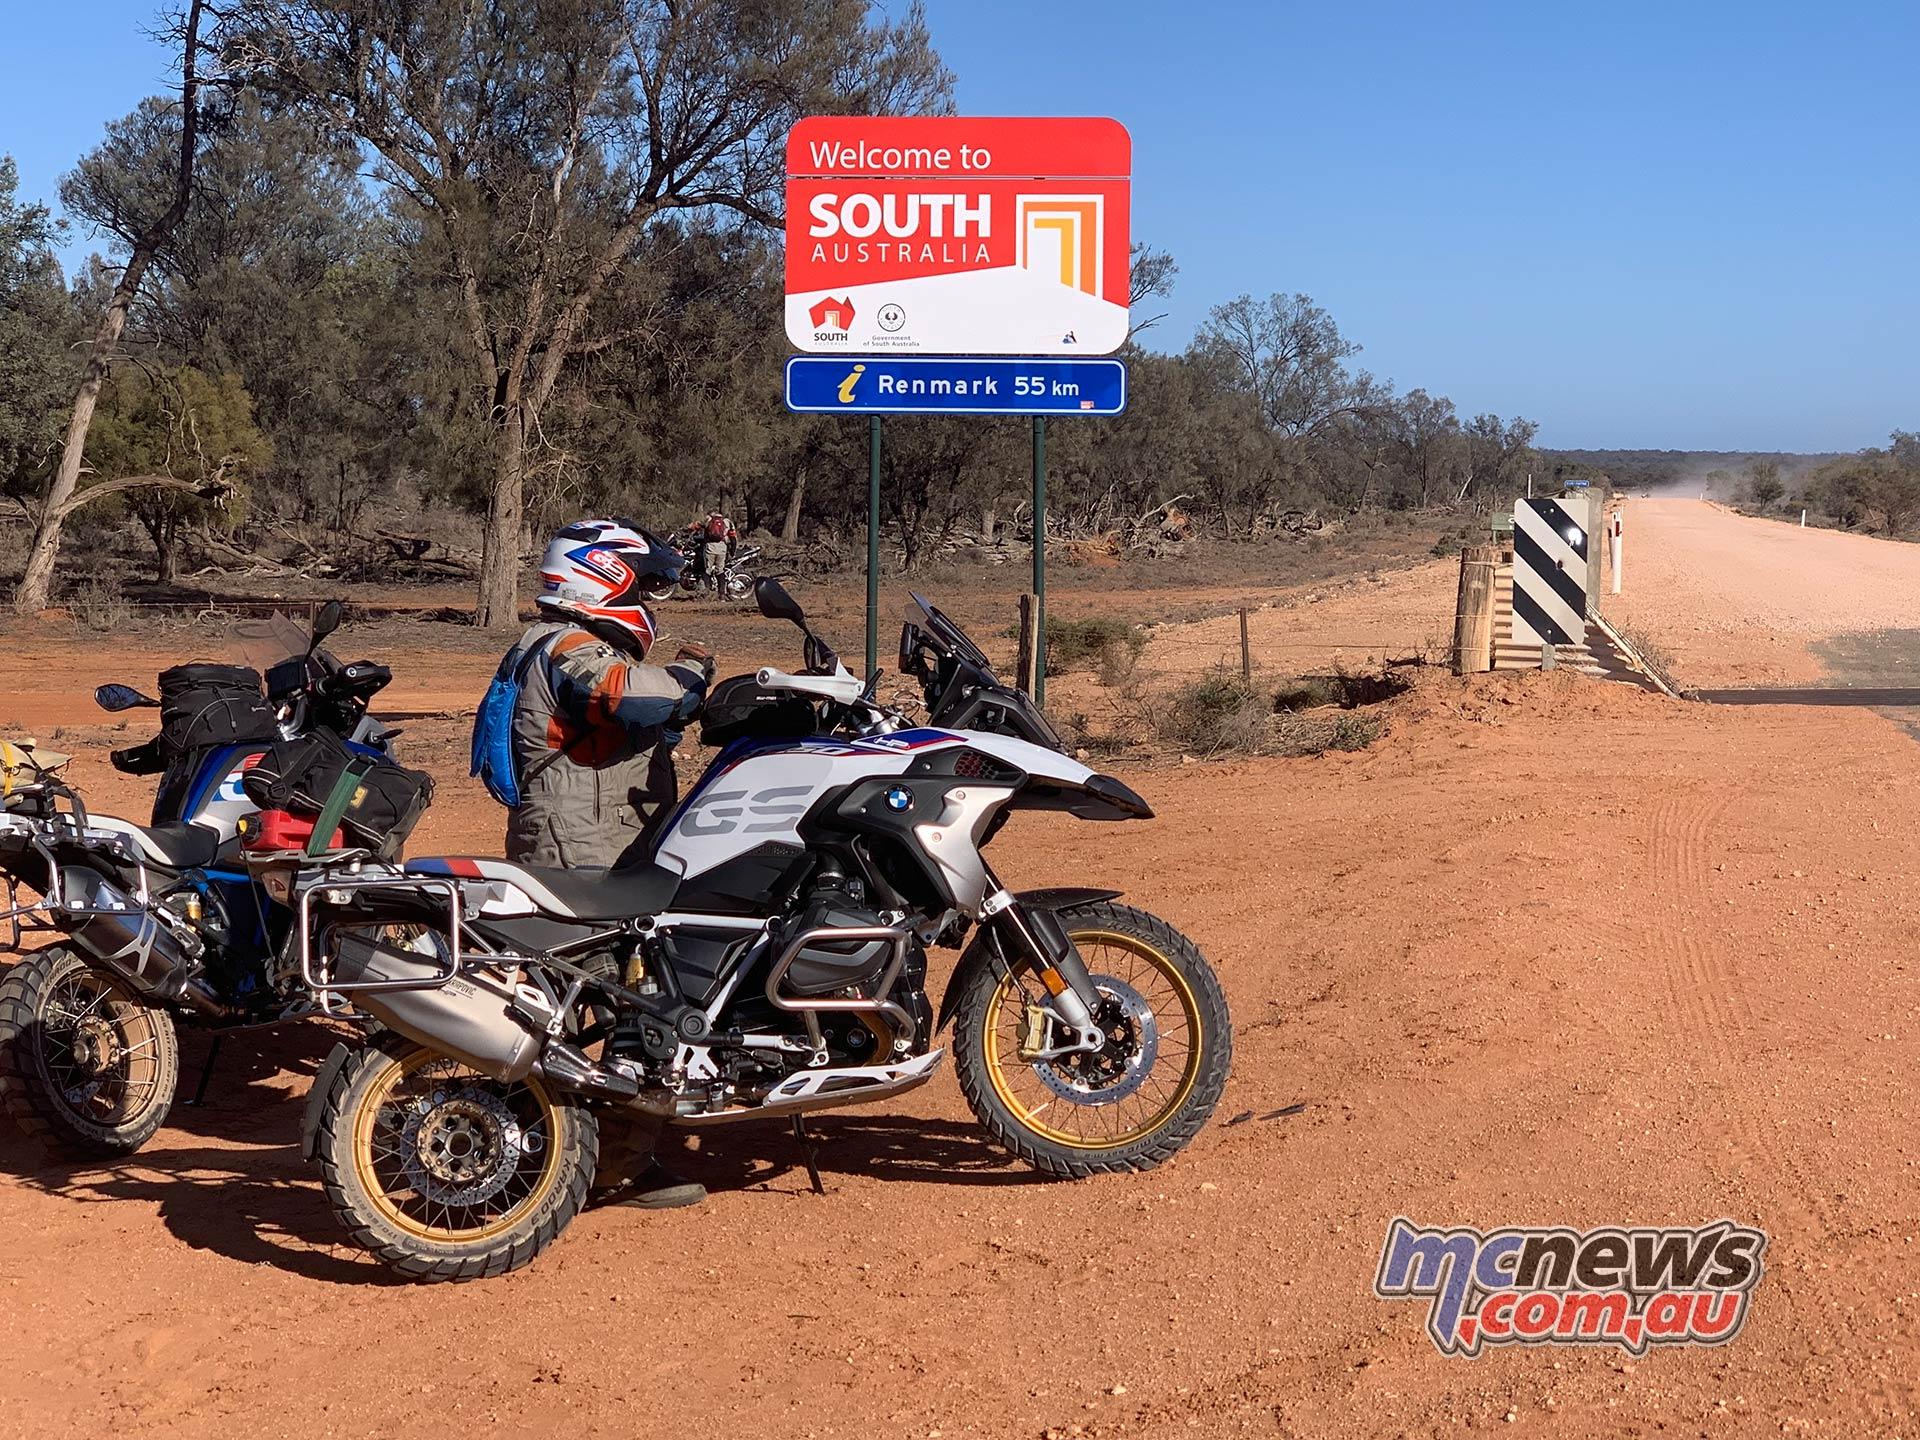 BMW GS Safari Enduro South Australia Borders